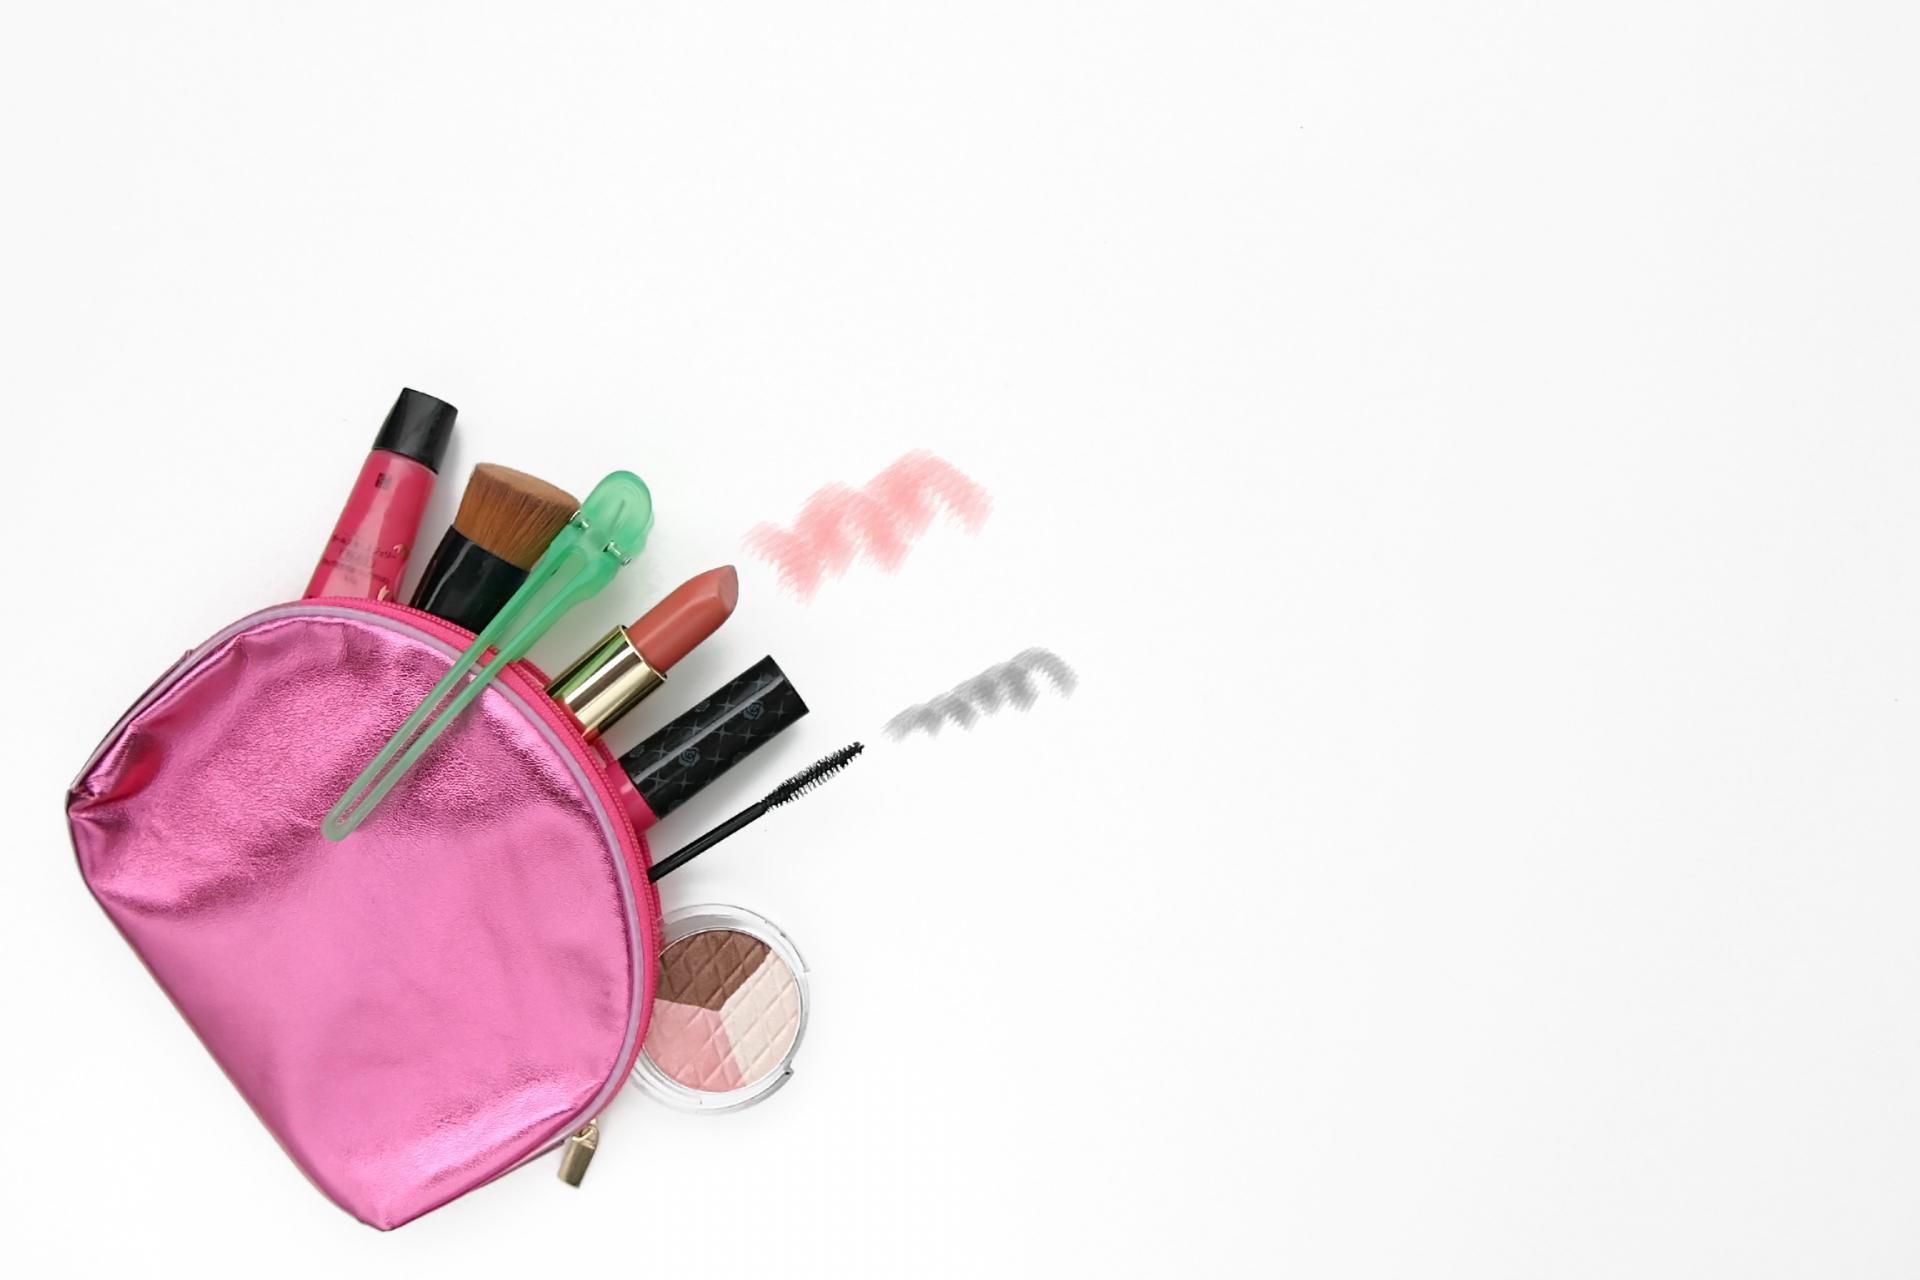 化粧ポーチのおすすめ5選&選び方【機能的で使いやすい!】